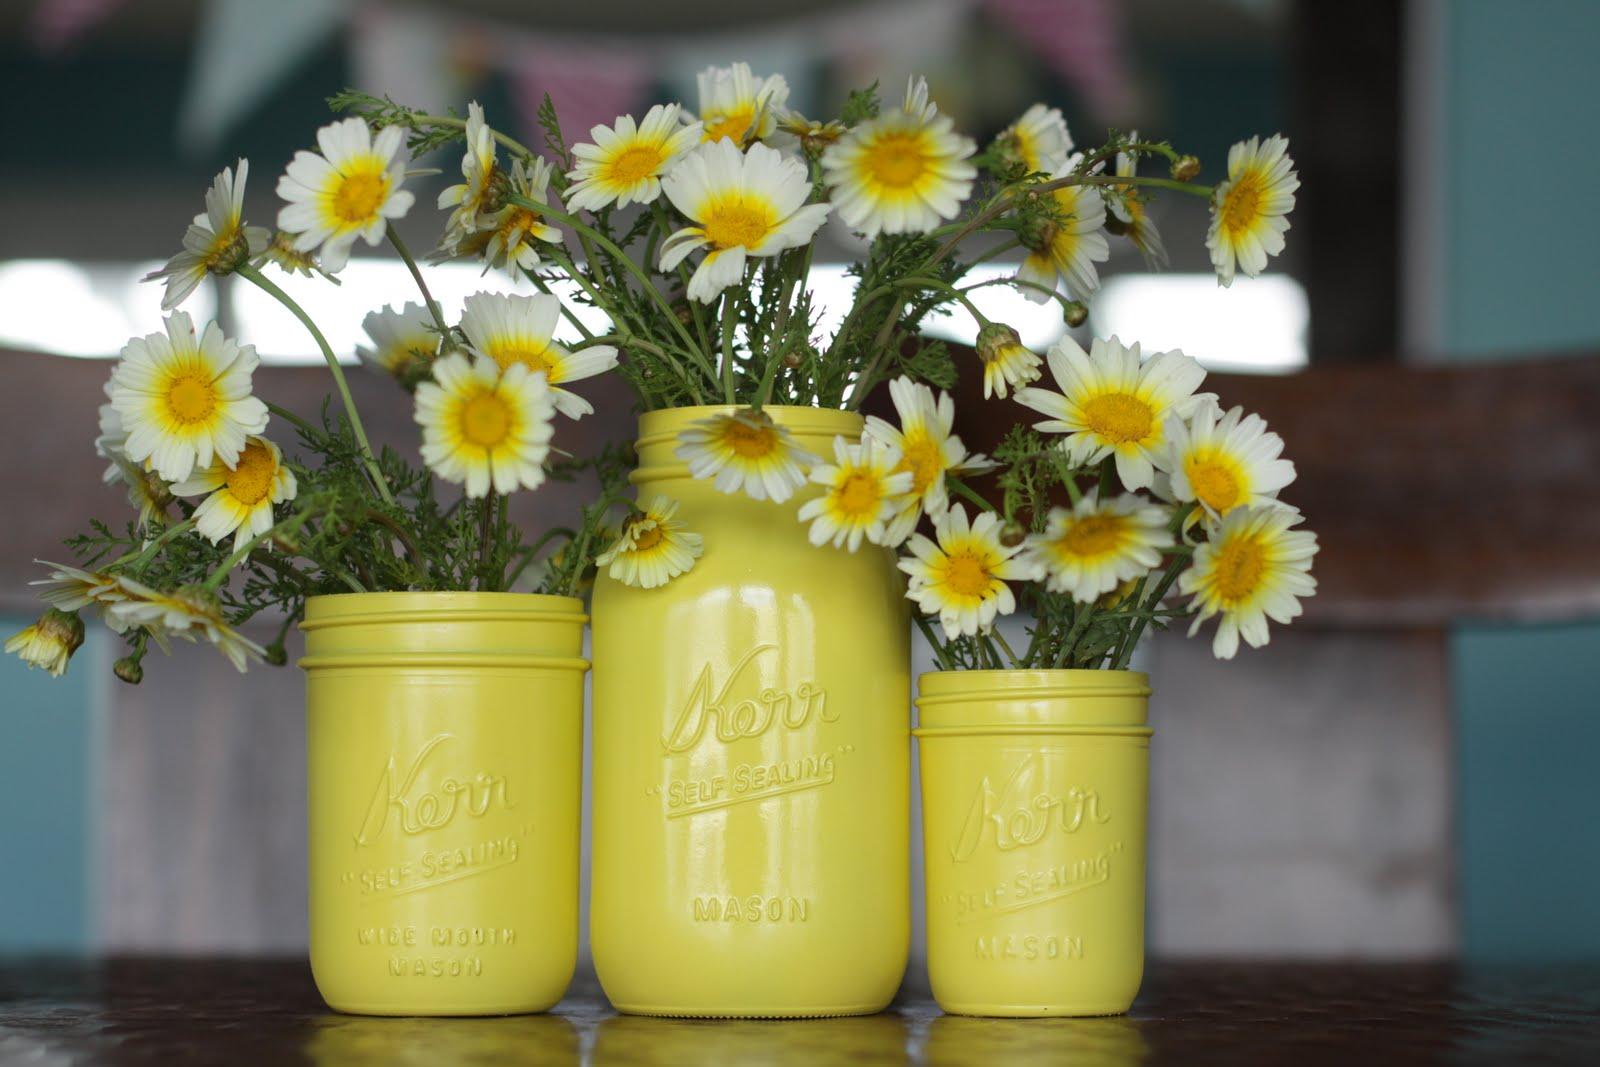 Yellow mason jars